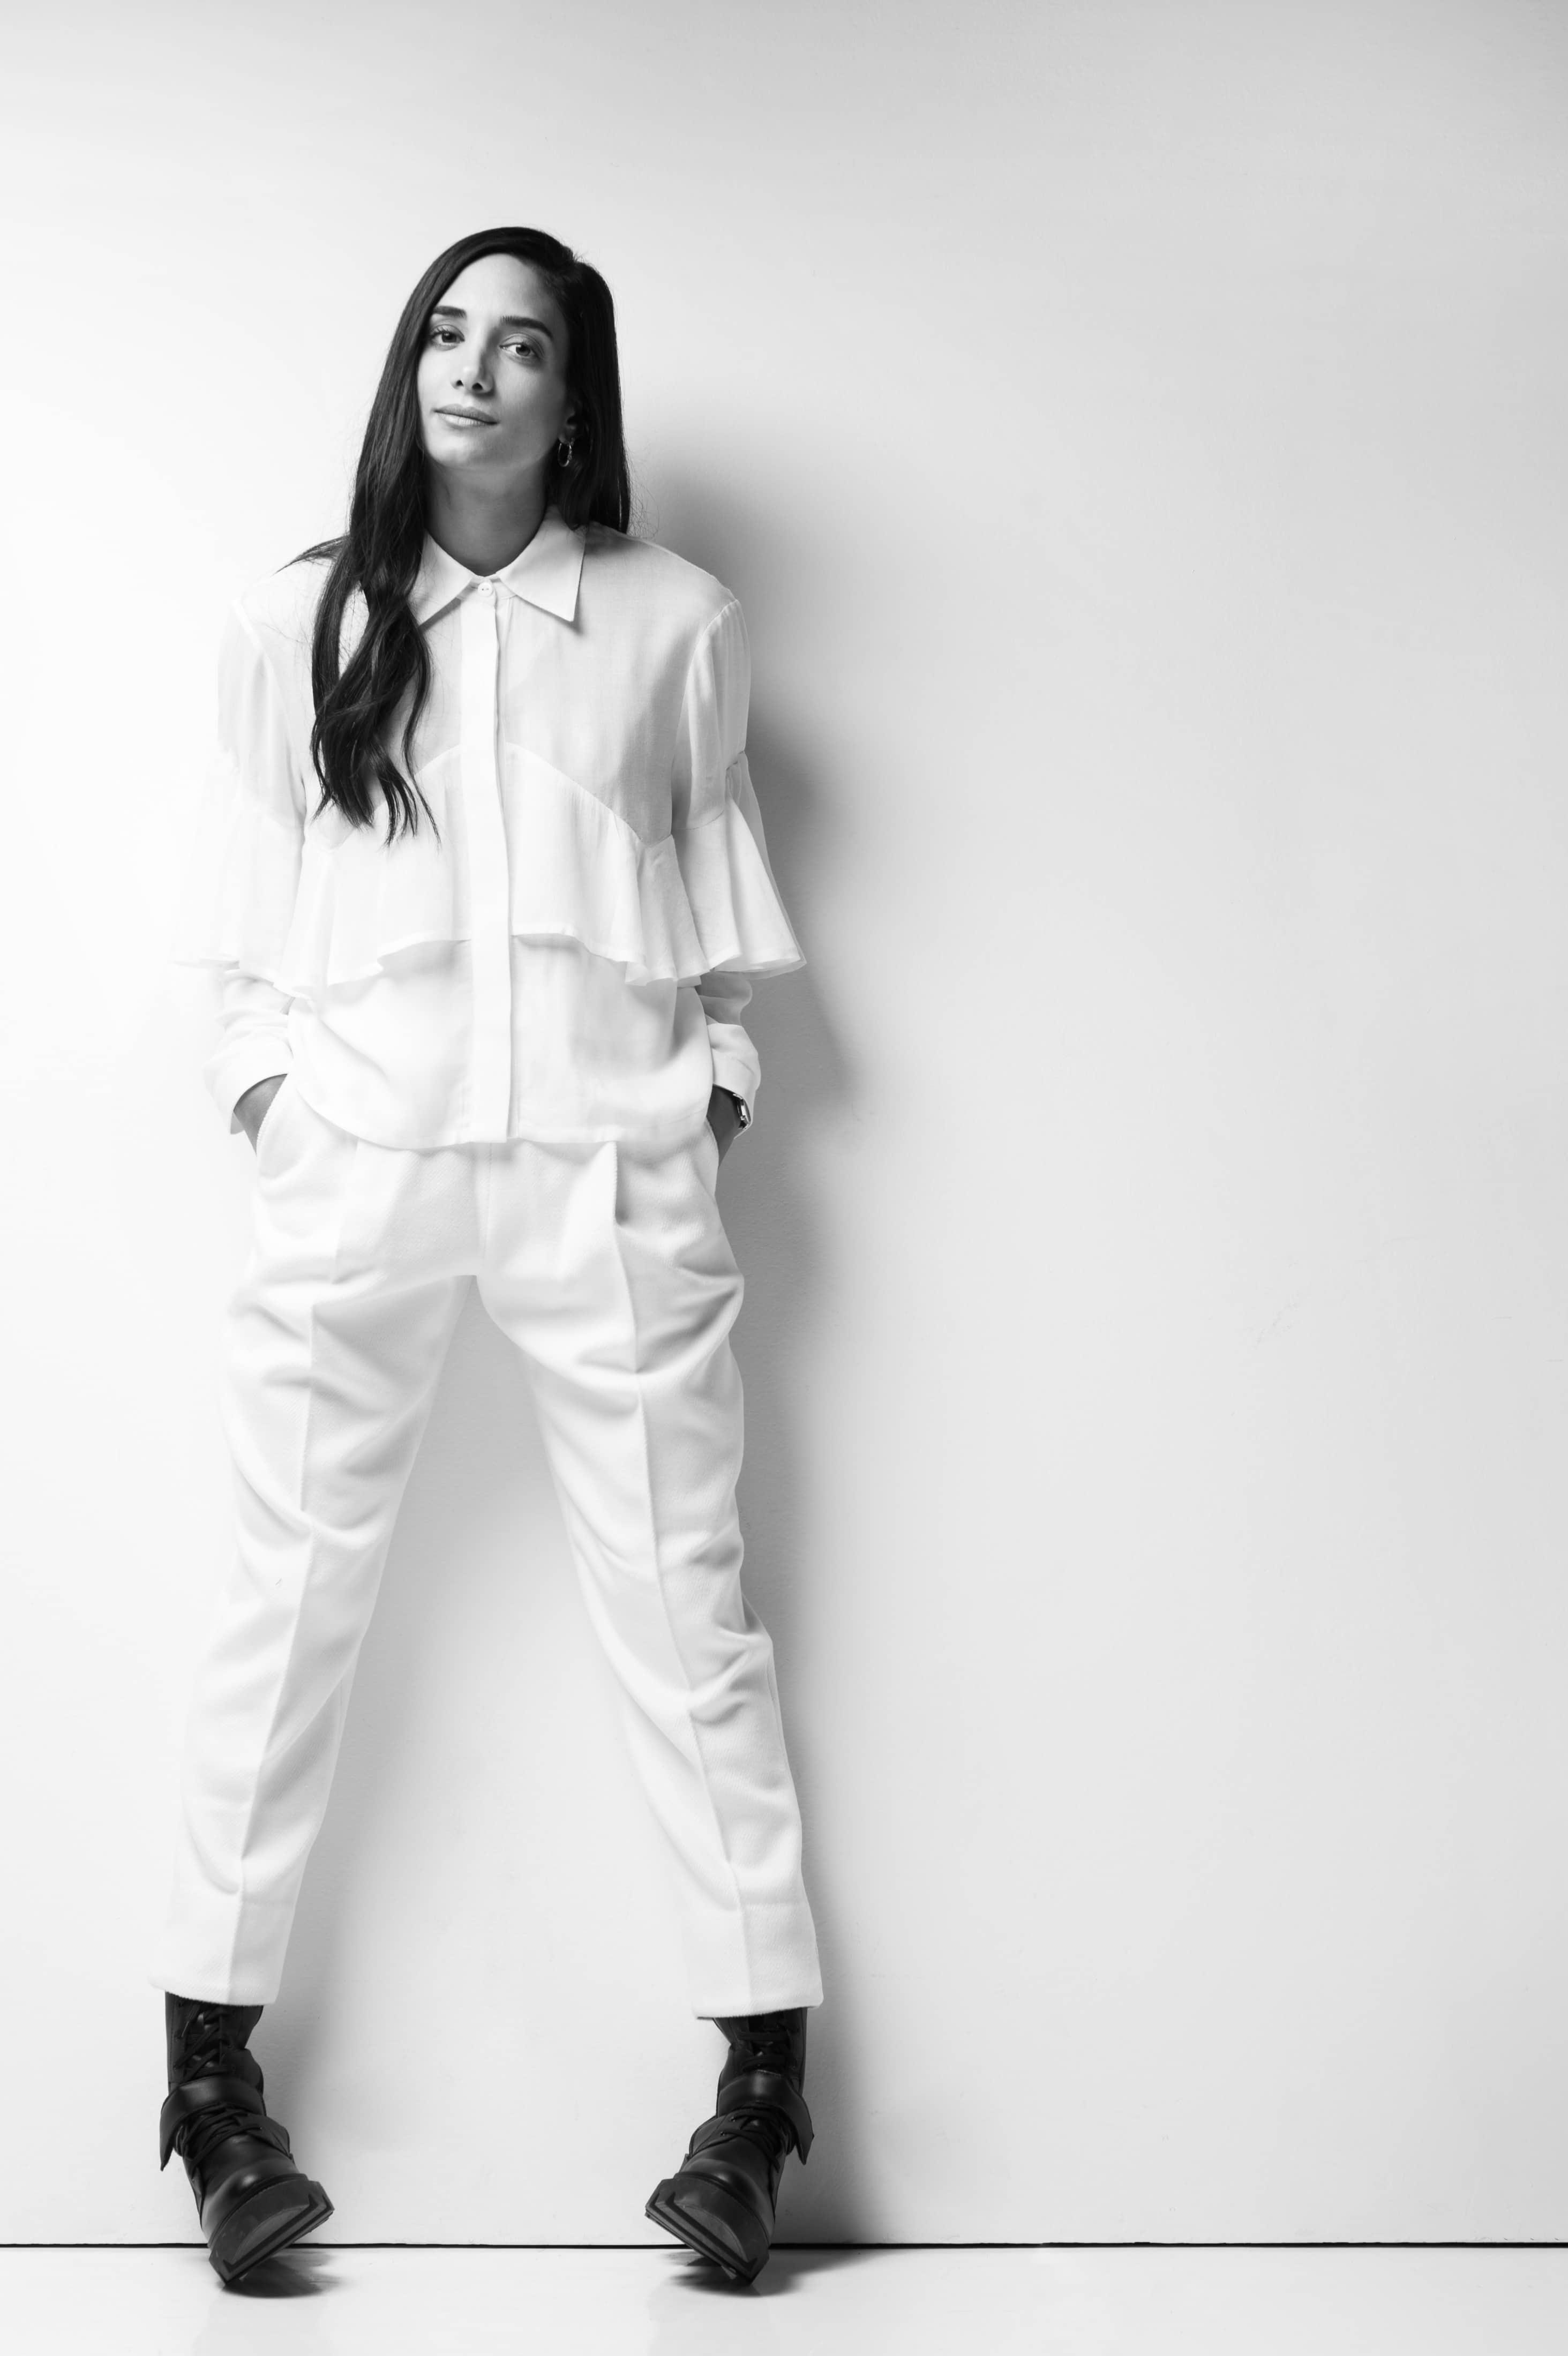 Η Νάντια έχει οικοδομήσει την επιχείρησή της βασισμένη στο πάθος της για τη  μόδα και τη θέληση να δημιουργεί μοναδικά και εναλλακτικά ρούχα σε μια  κορεσμένη ... 2019631487a